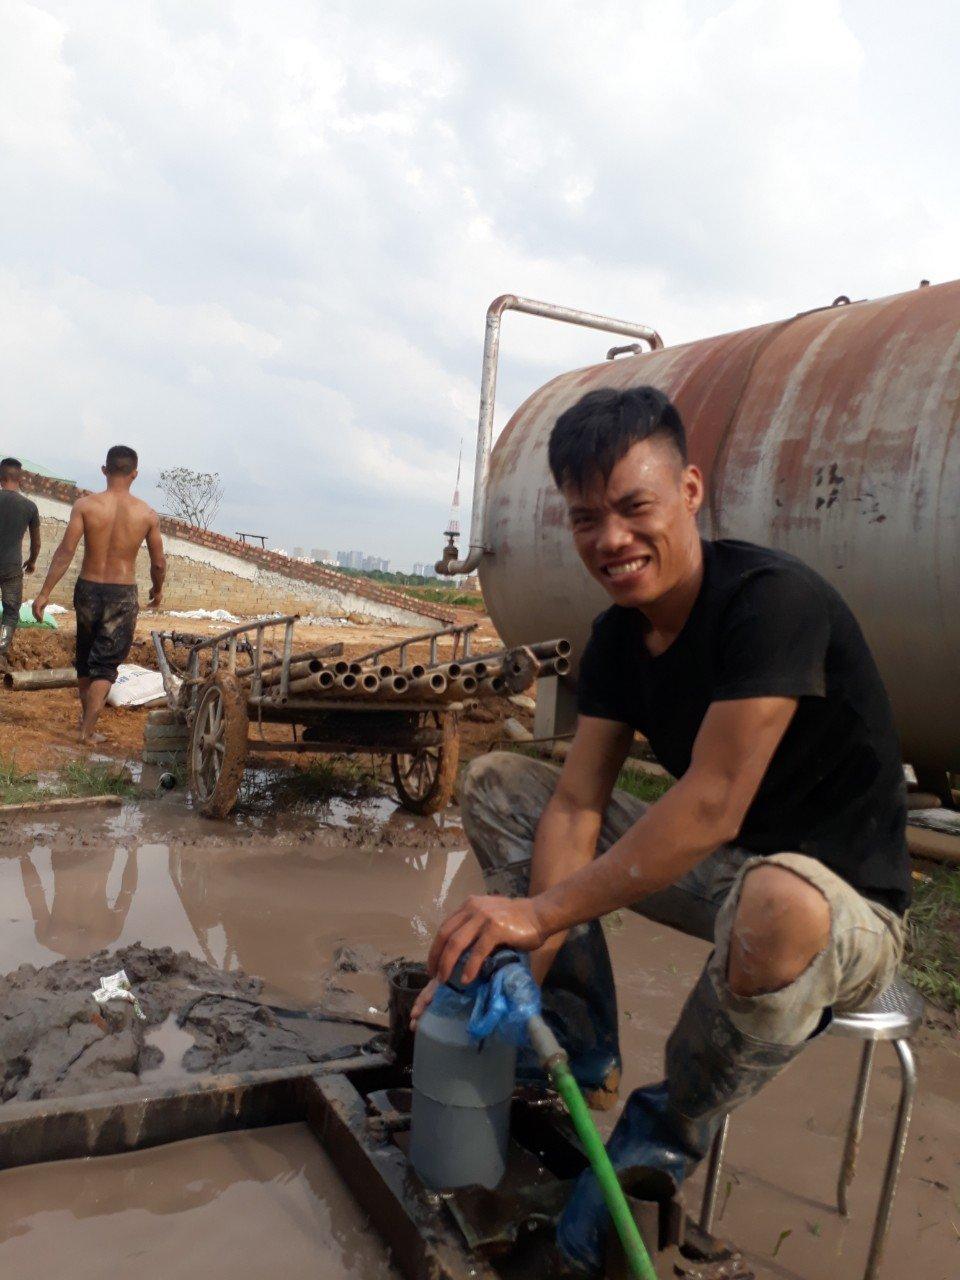 Chúng tôi đã nhận và thi công rất nhiều các dự án khoan giếng công nghiệp cho các xí nghiệp, công ty hay các công trình đang thi công tại Hà Nội và các tỉnh lân cận, và đã dược nhiều khách hàng tin tưởng sử dụng dịch vụ và đánh gia cao.